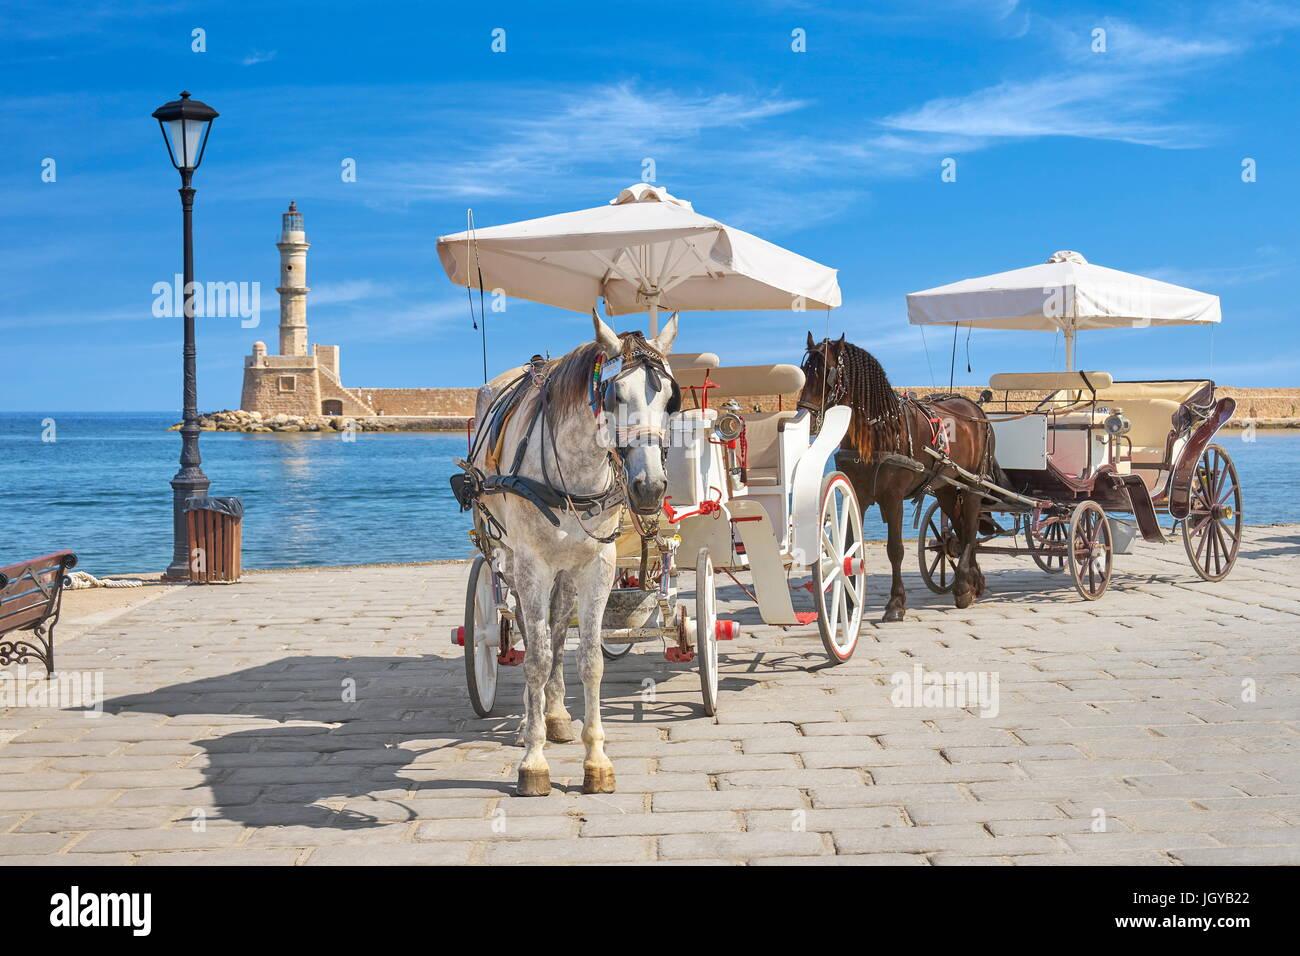 Chariot à cheval, phare en arrière-plan, la vieille ville de La Canée, Crète, Grèce Photo Stock